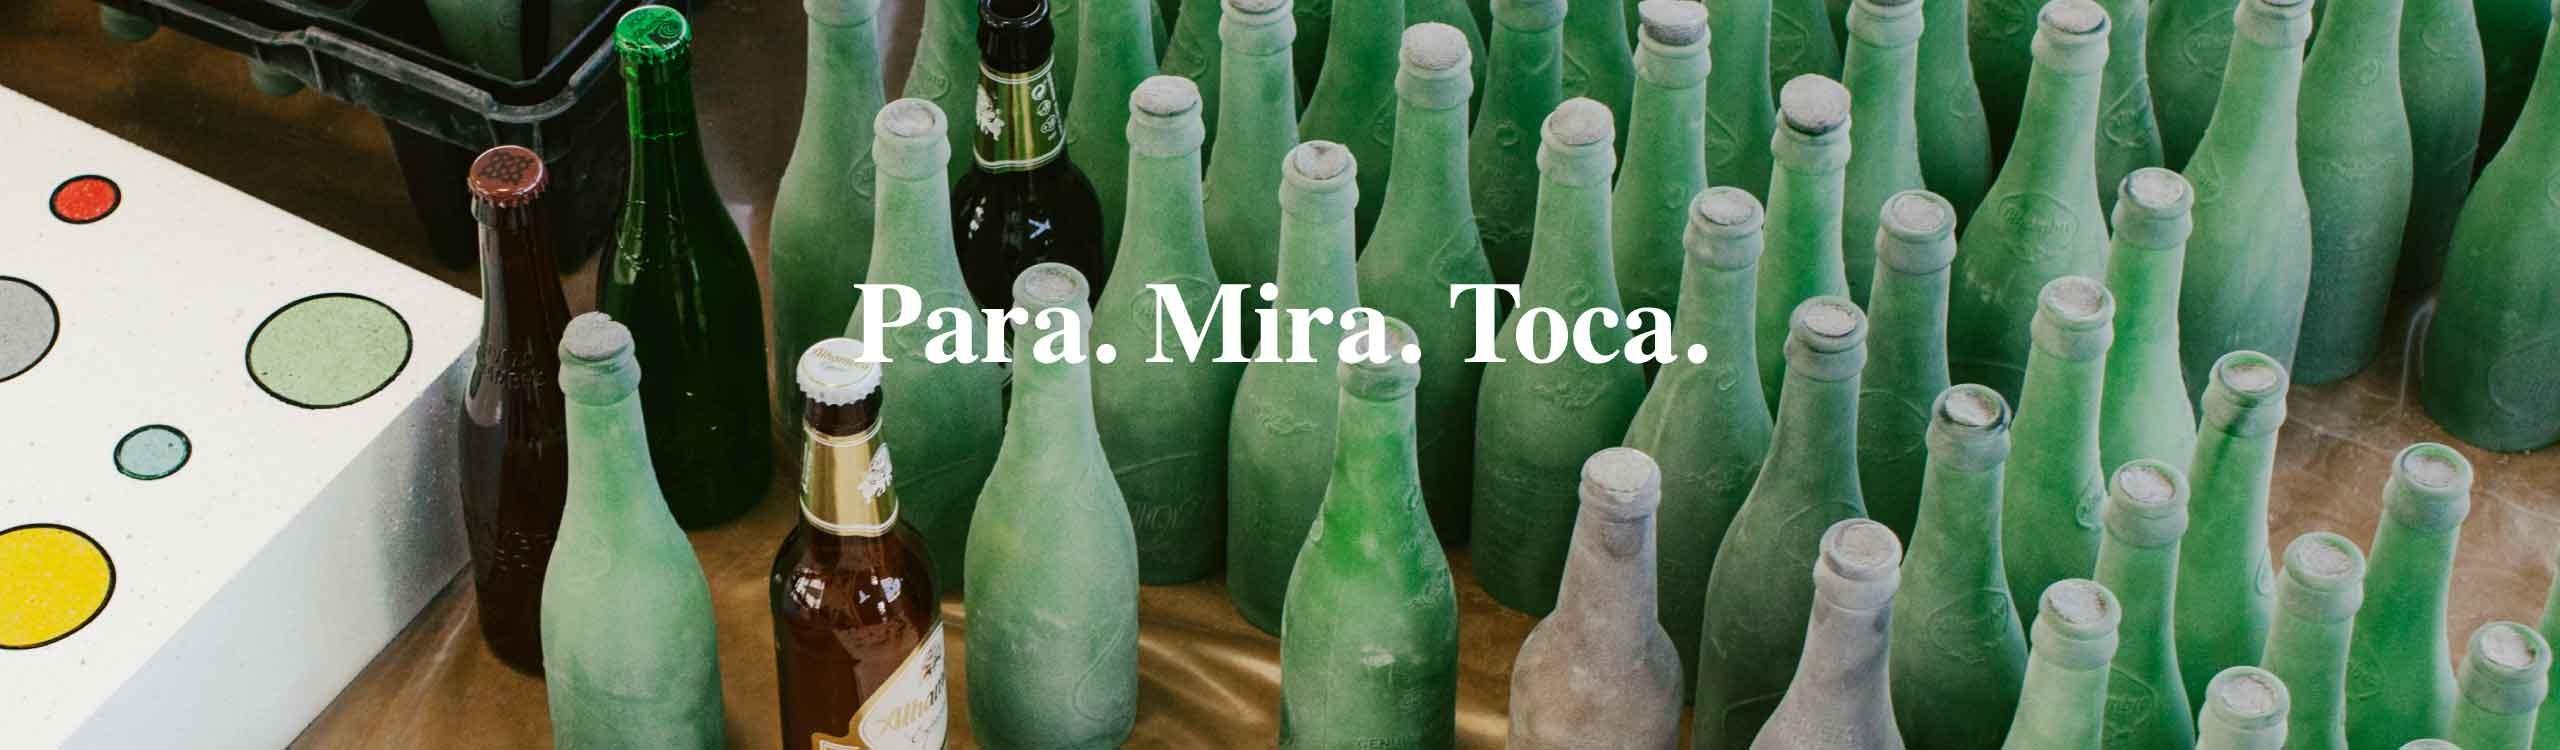 para. mira. toca. cervezas alhambra y álvaro catalán de ocón nos invitan a parar y sentir más